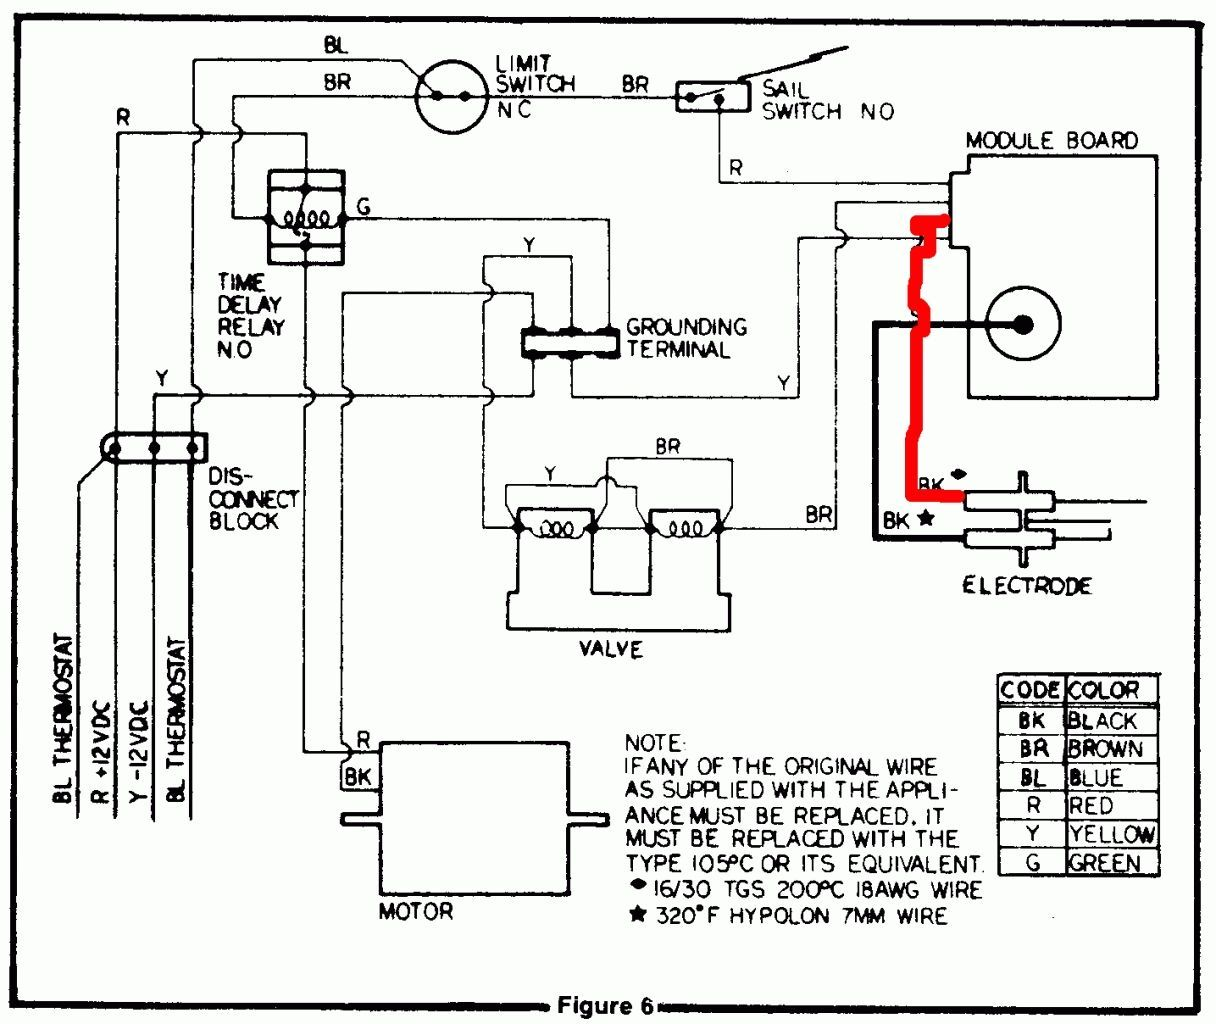 Gas Furnace Wiring Wiring Diagrams For Dummies U2022 Rh Crossfithartford Com Gas Furnace Thermostat Wirin Thermostat Wiring Gas Furnace High Efficiency Furnace